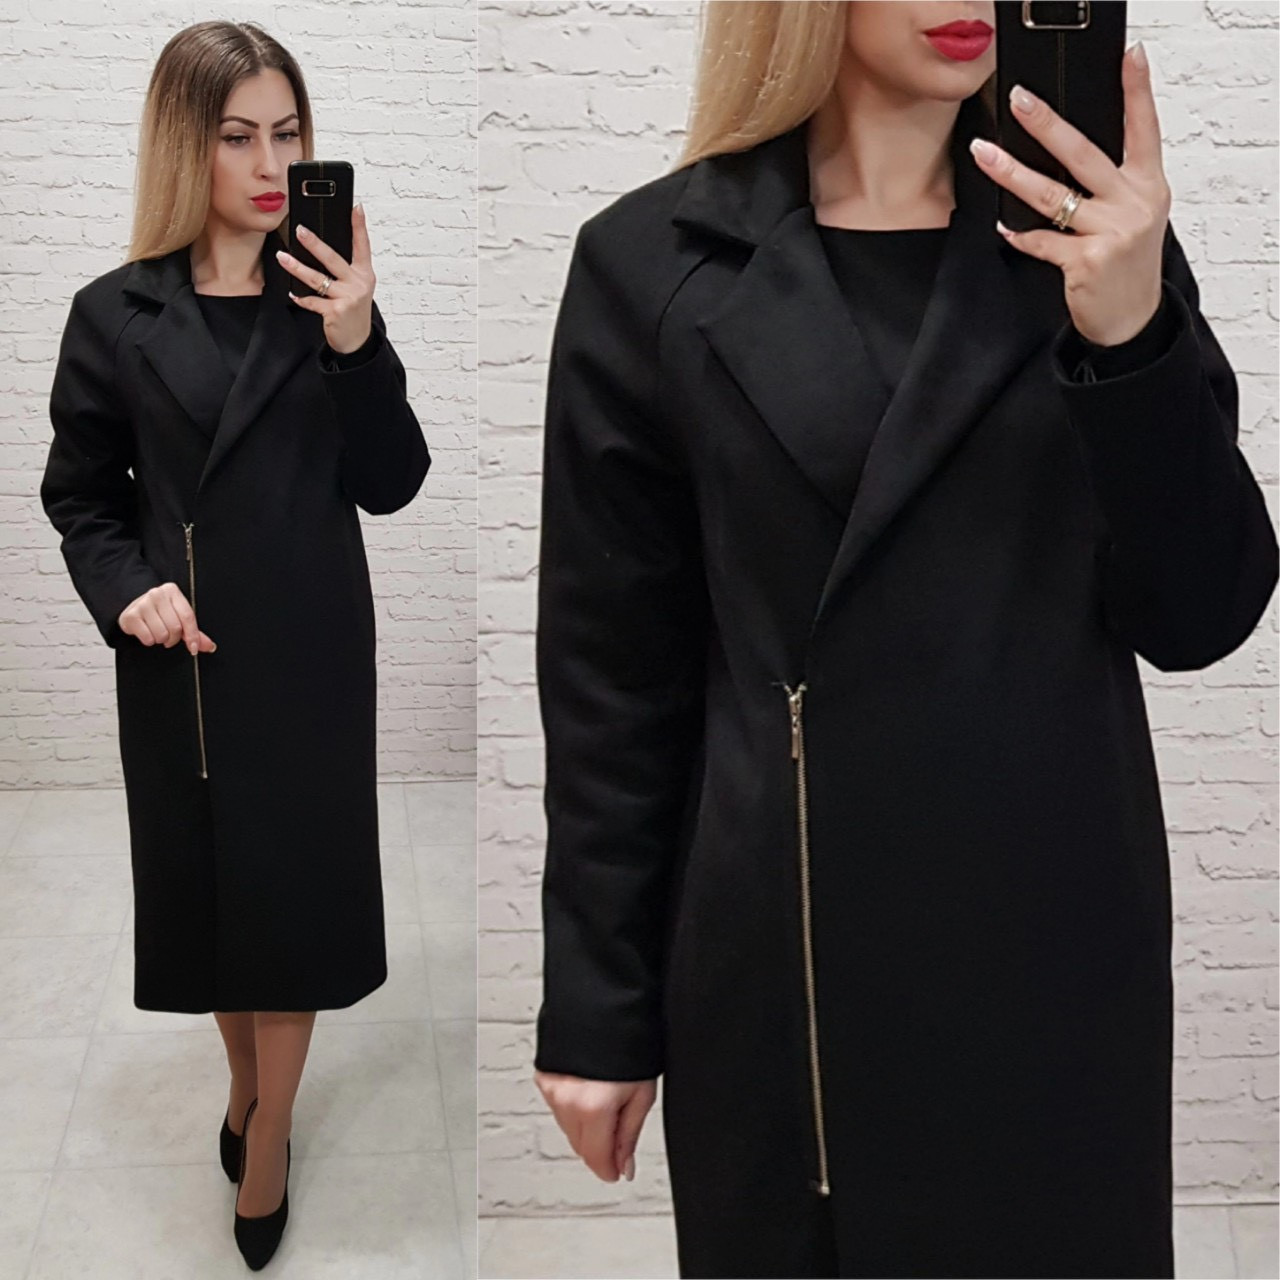 Замшеве пальто Oversize на змійці, з кишенями і підкладкою, М100, колір чорний